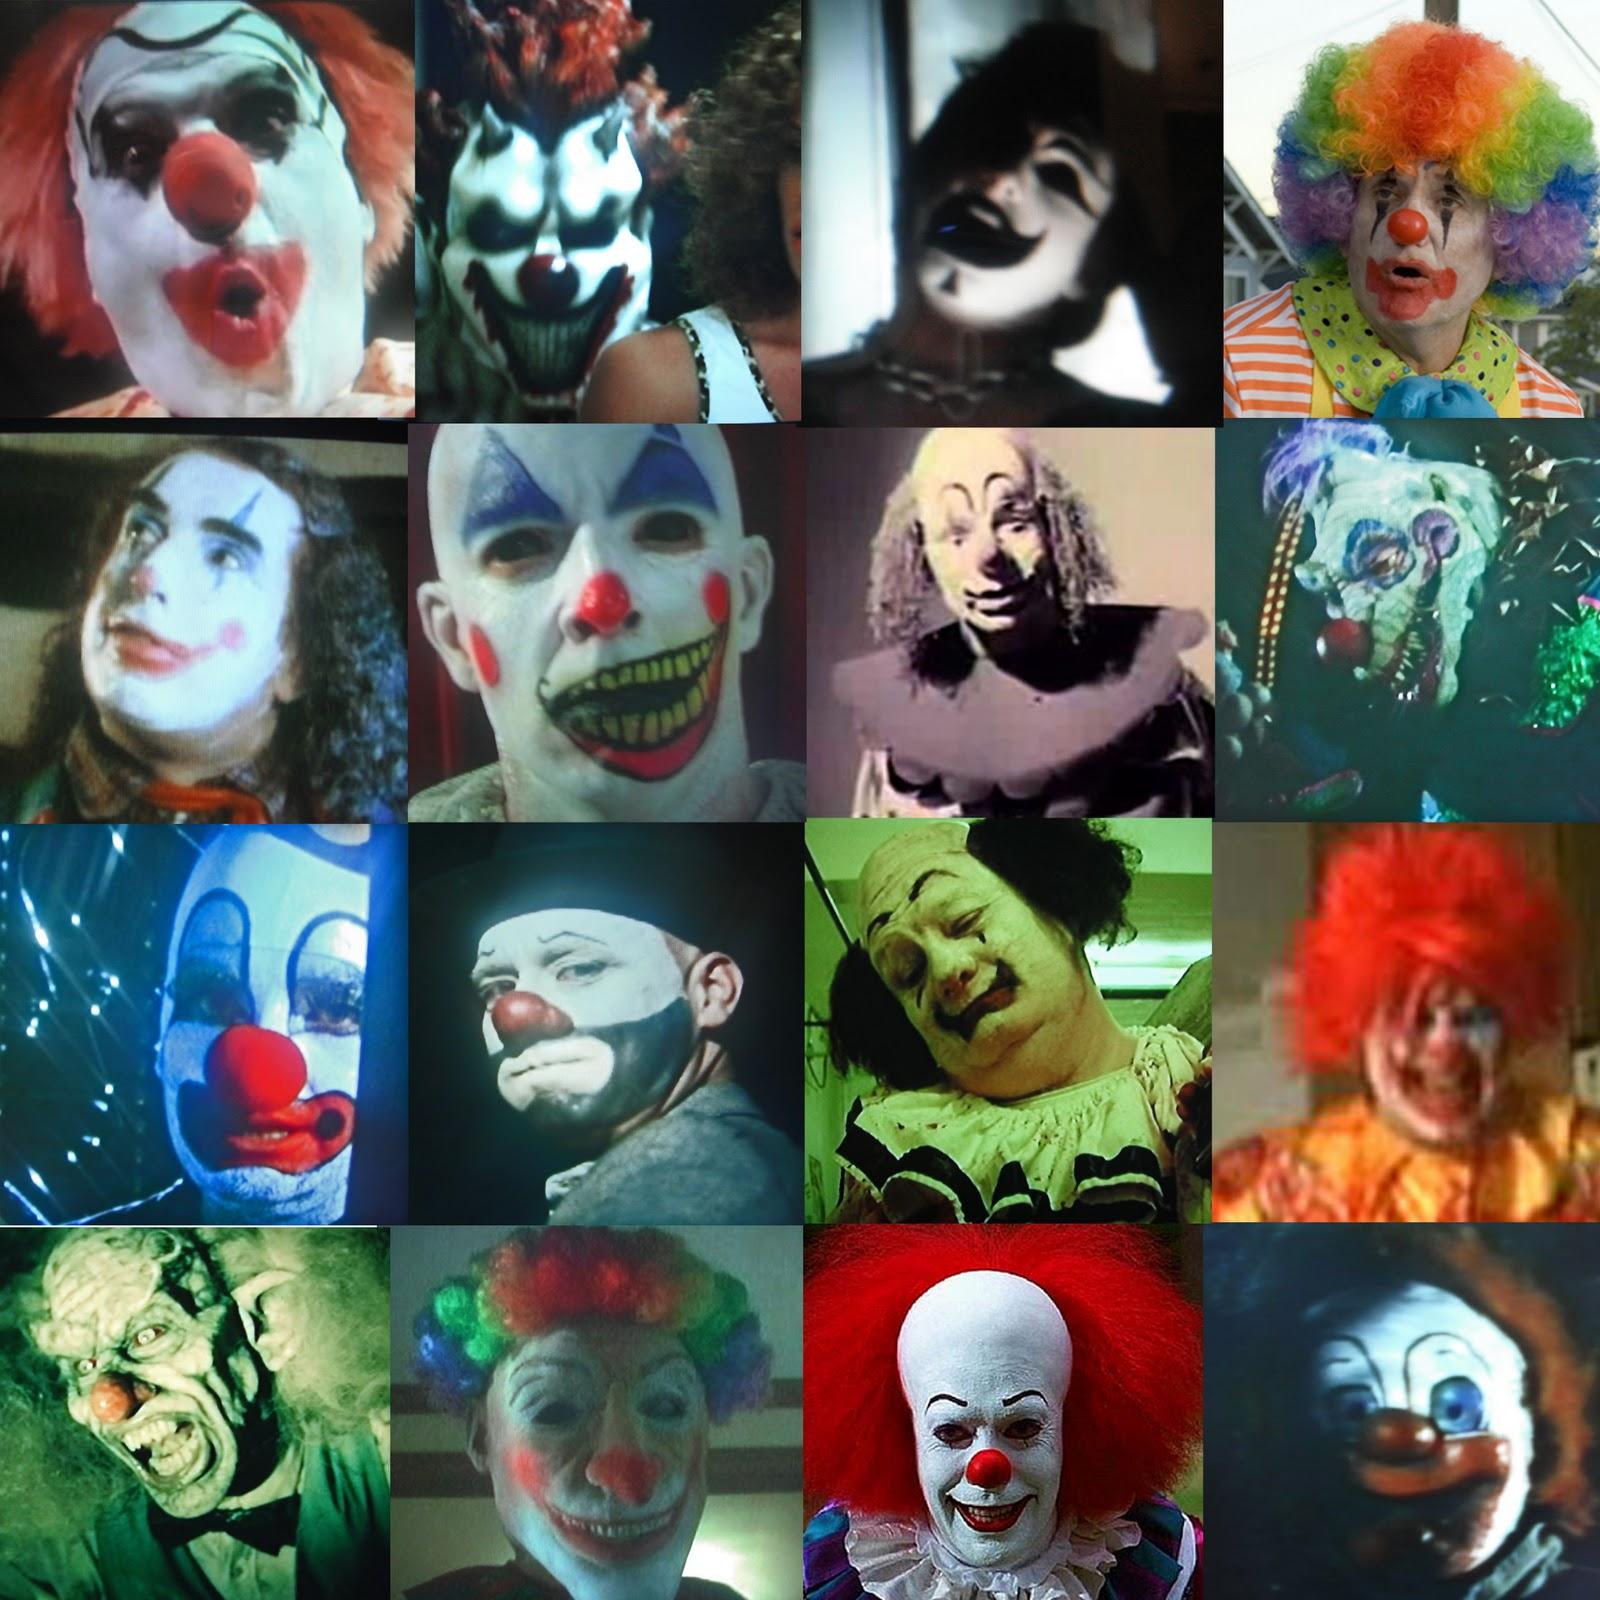 All Scream For Ice Cream  We All Scream For Ice Cream Clown